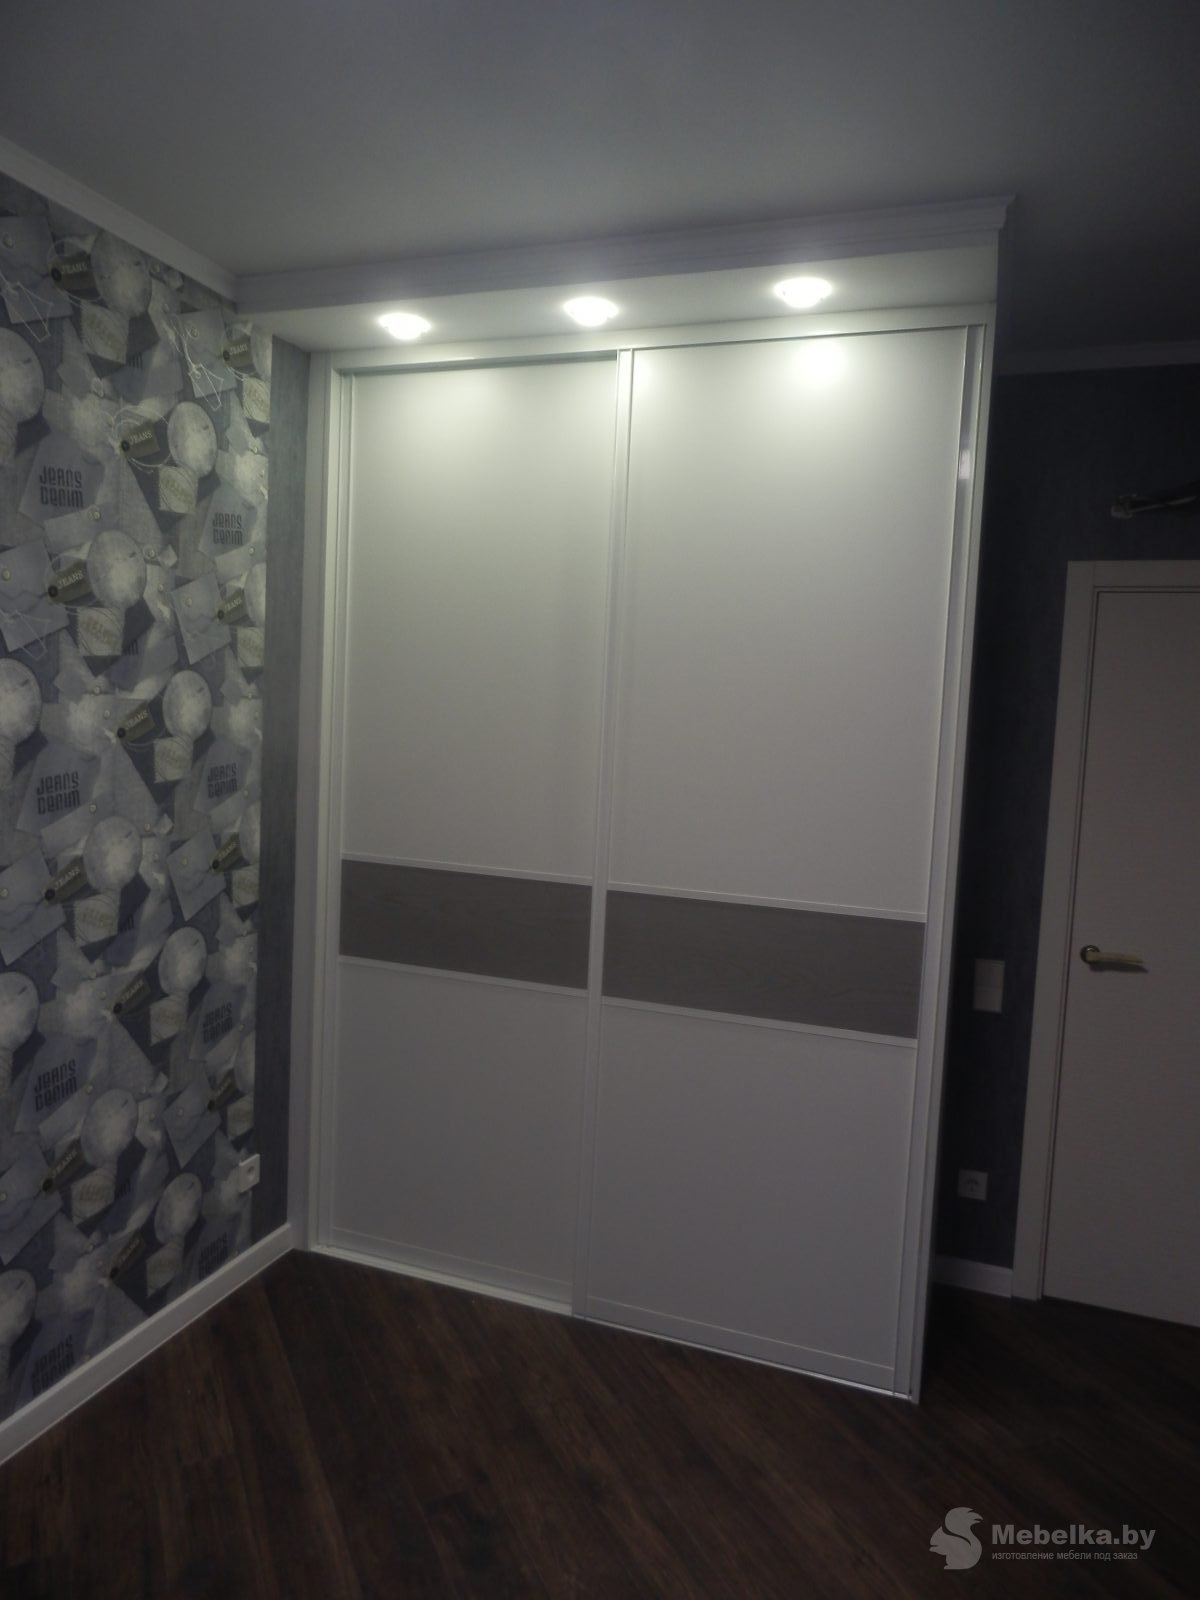 Белый шкаф-купе со вставкой вид 1